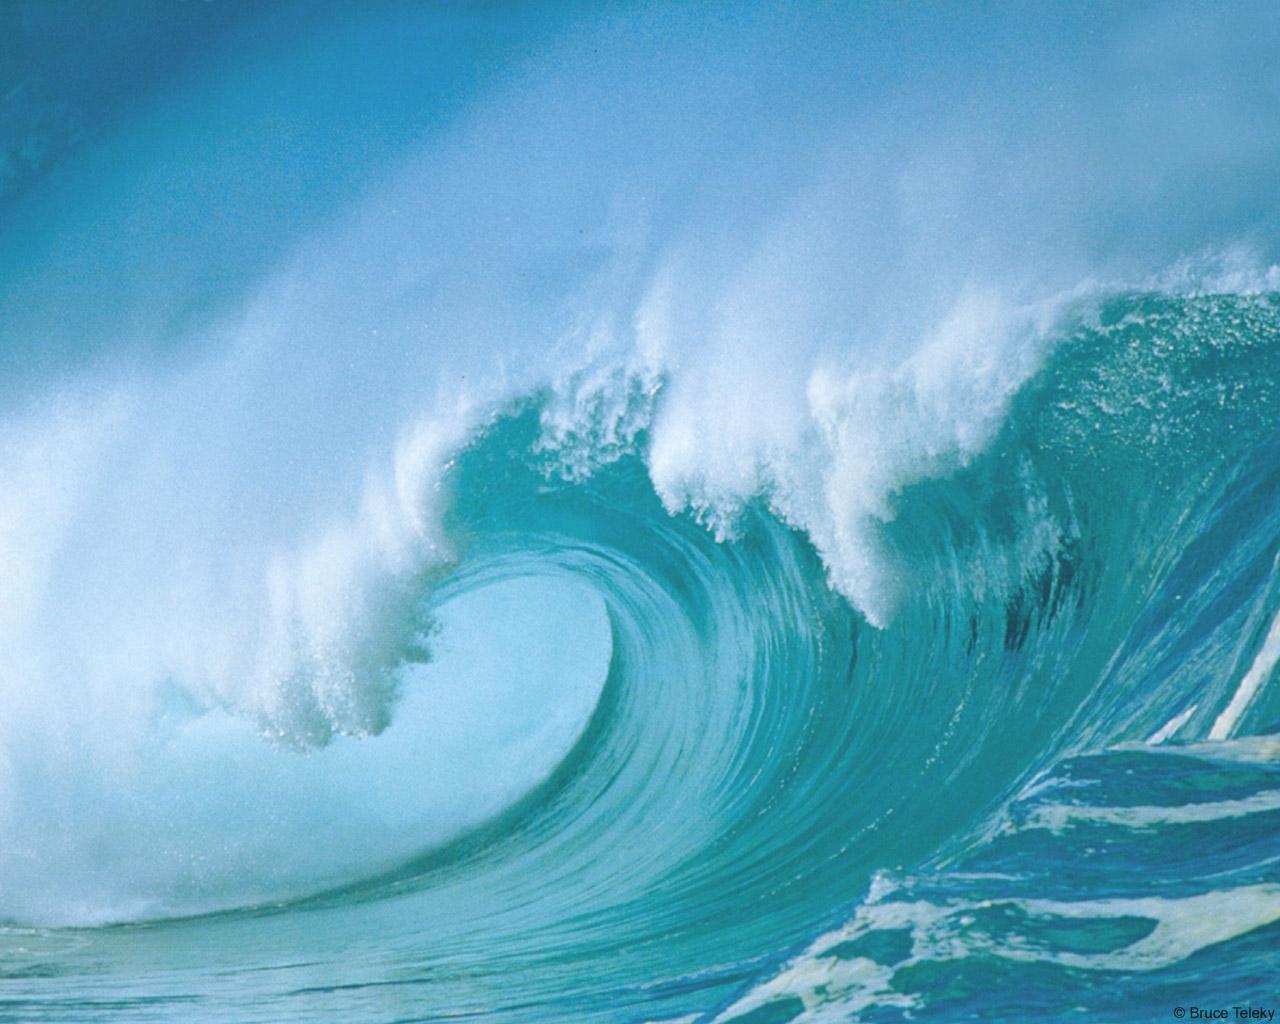 fondos de mar transparente - photo #17